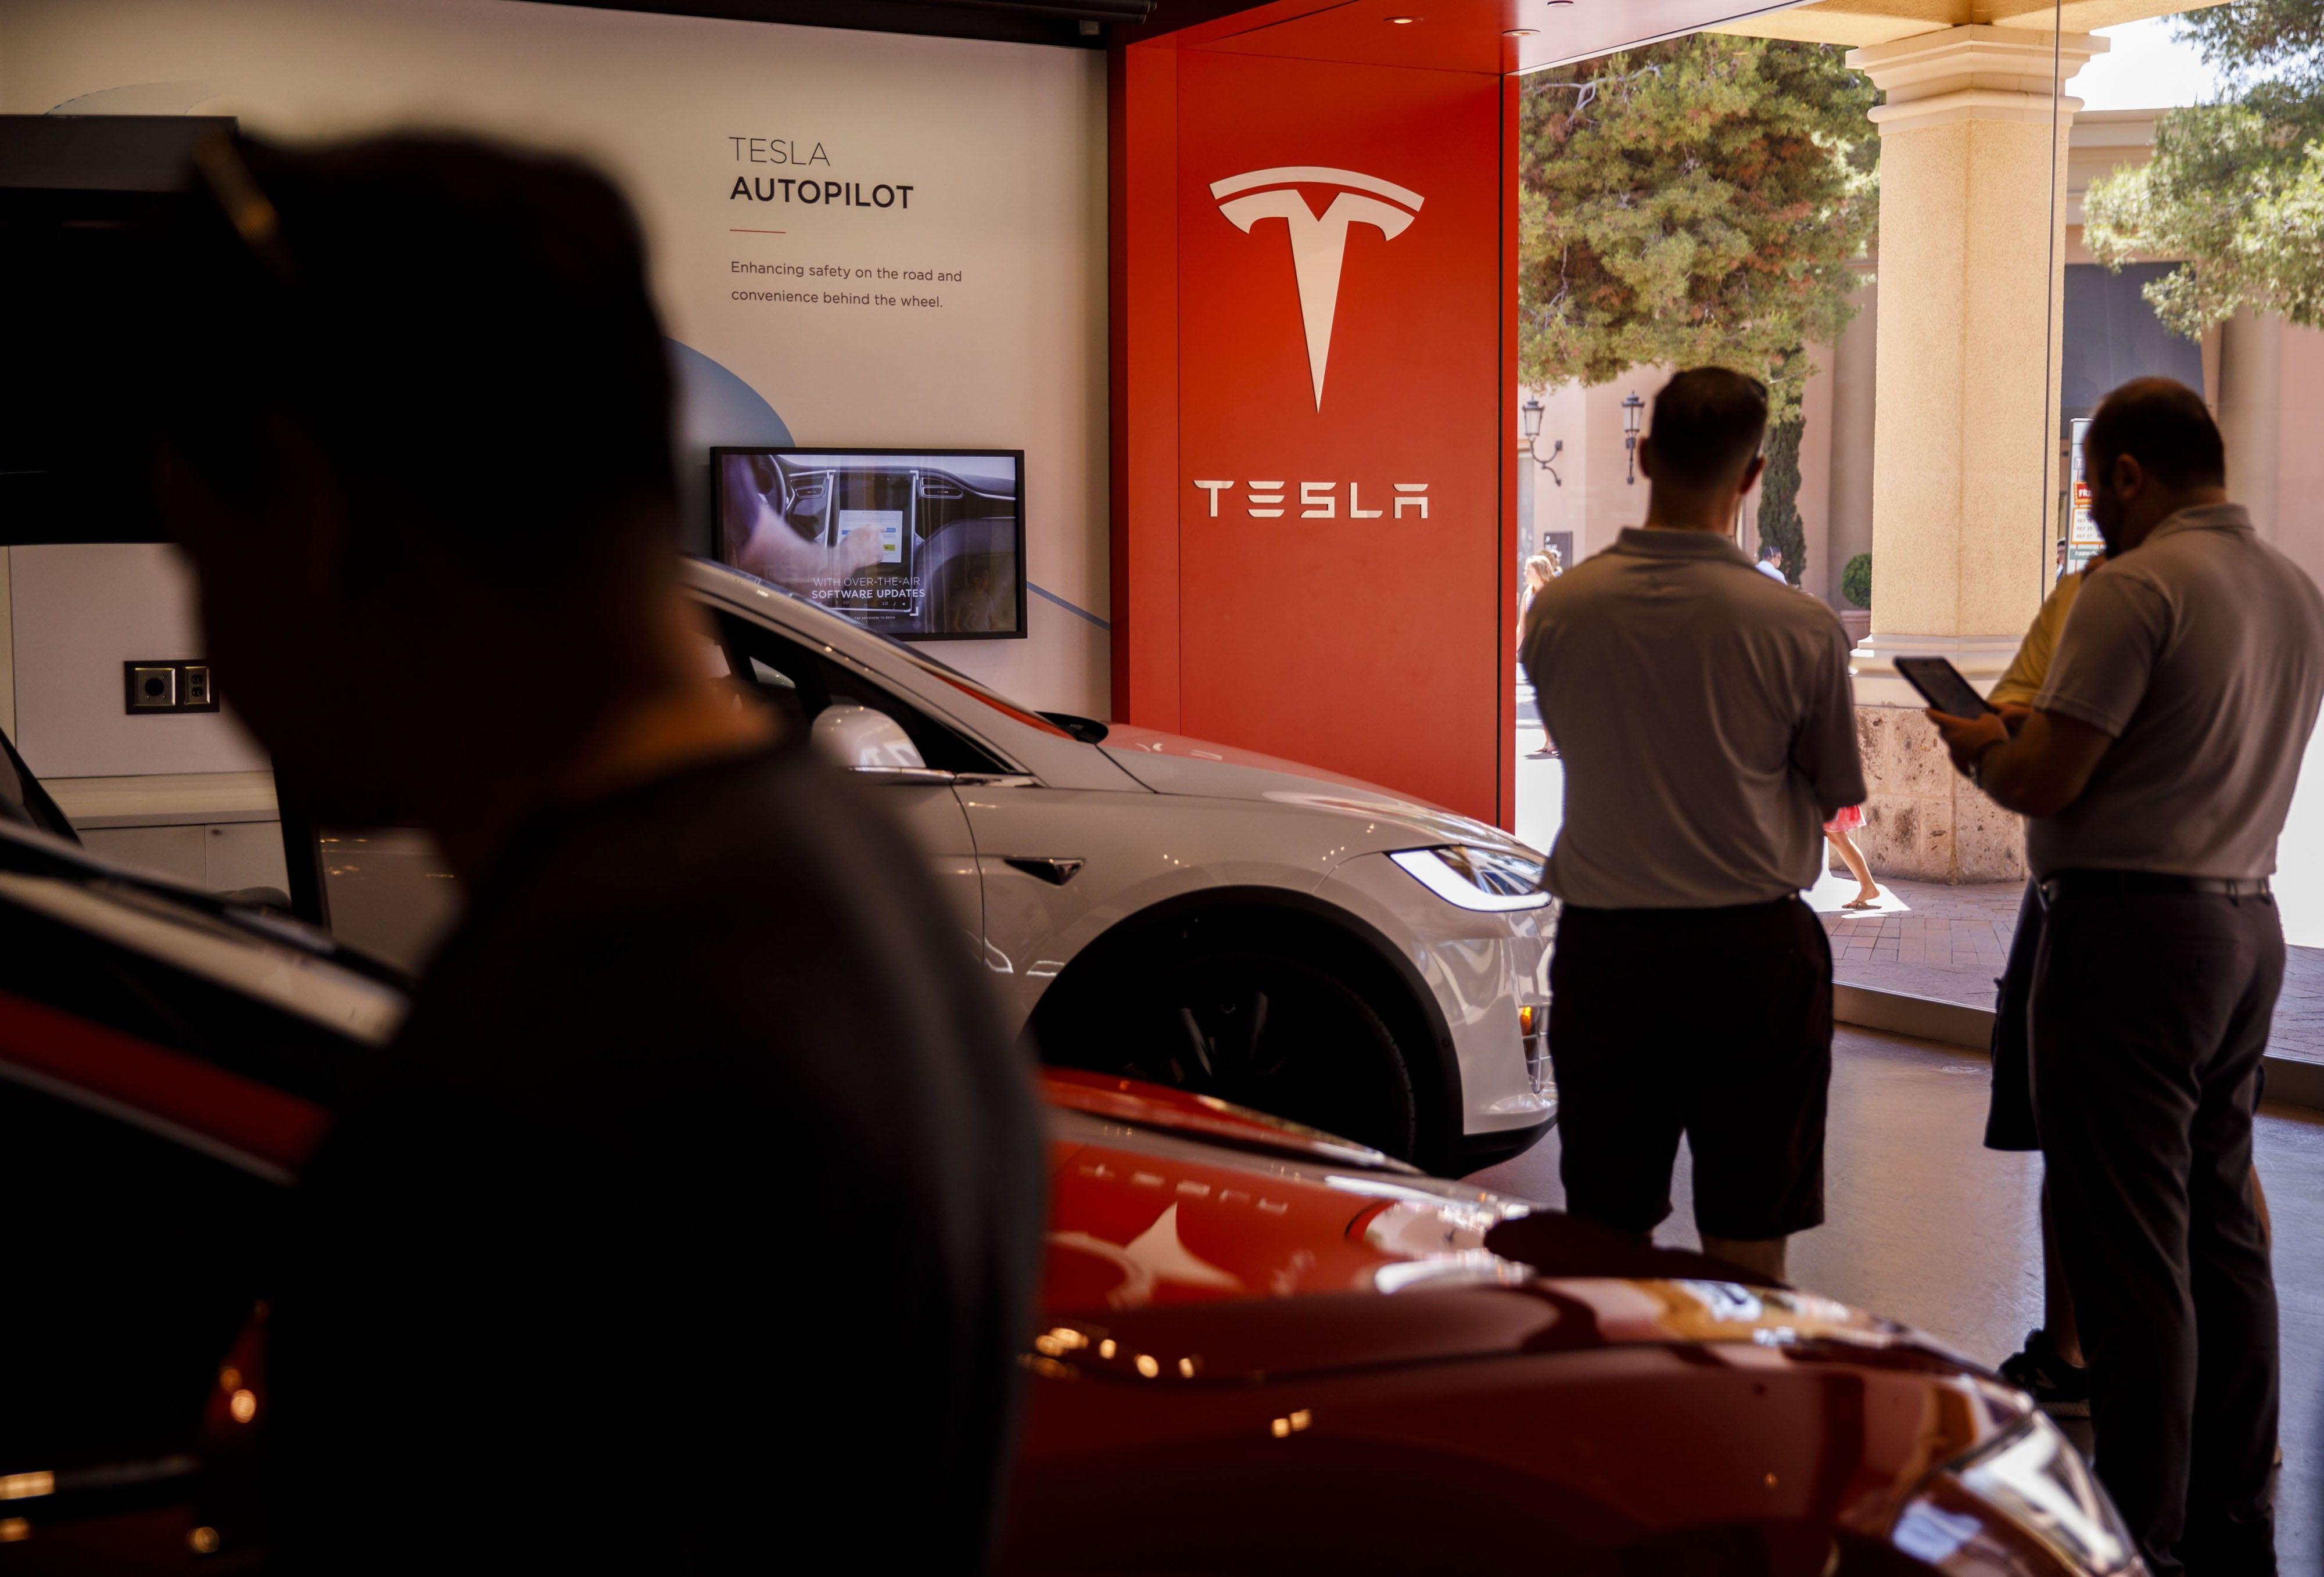 Autos Reputación Tesla - El Sol Latino